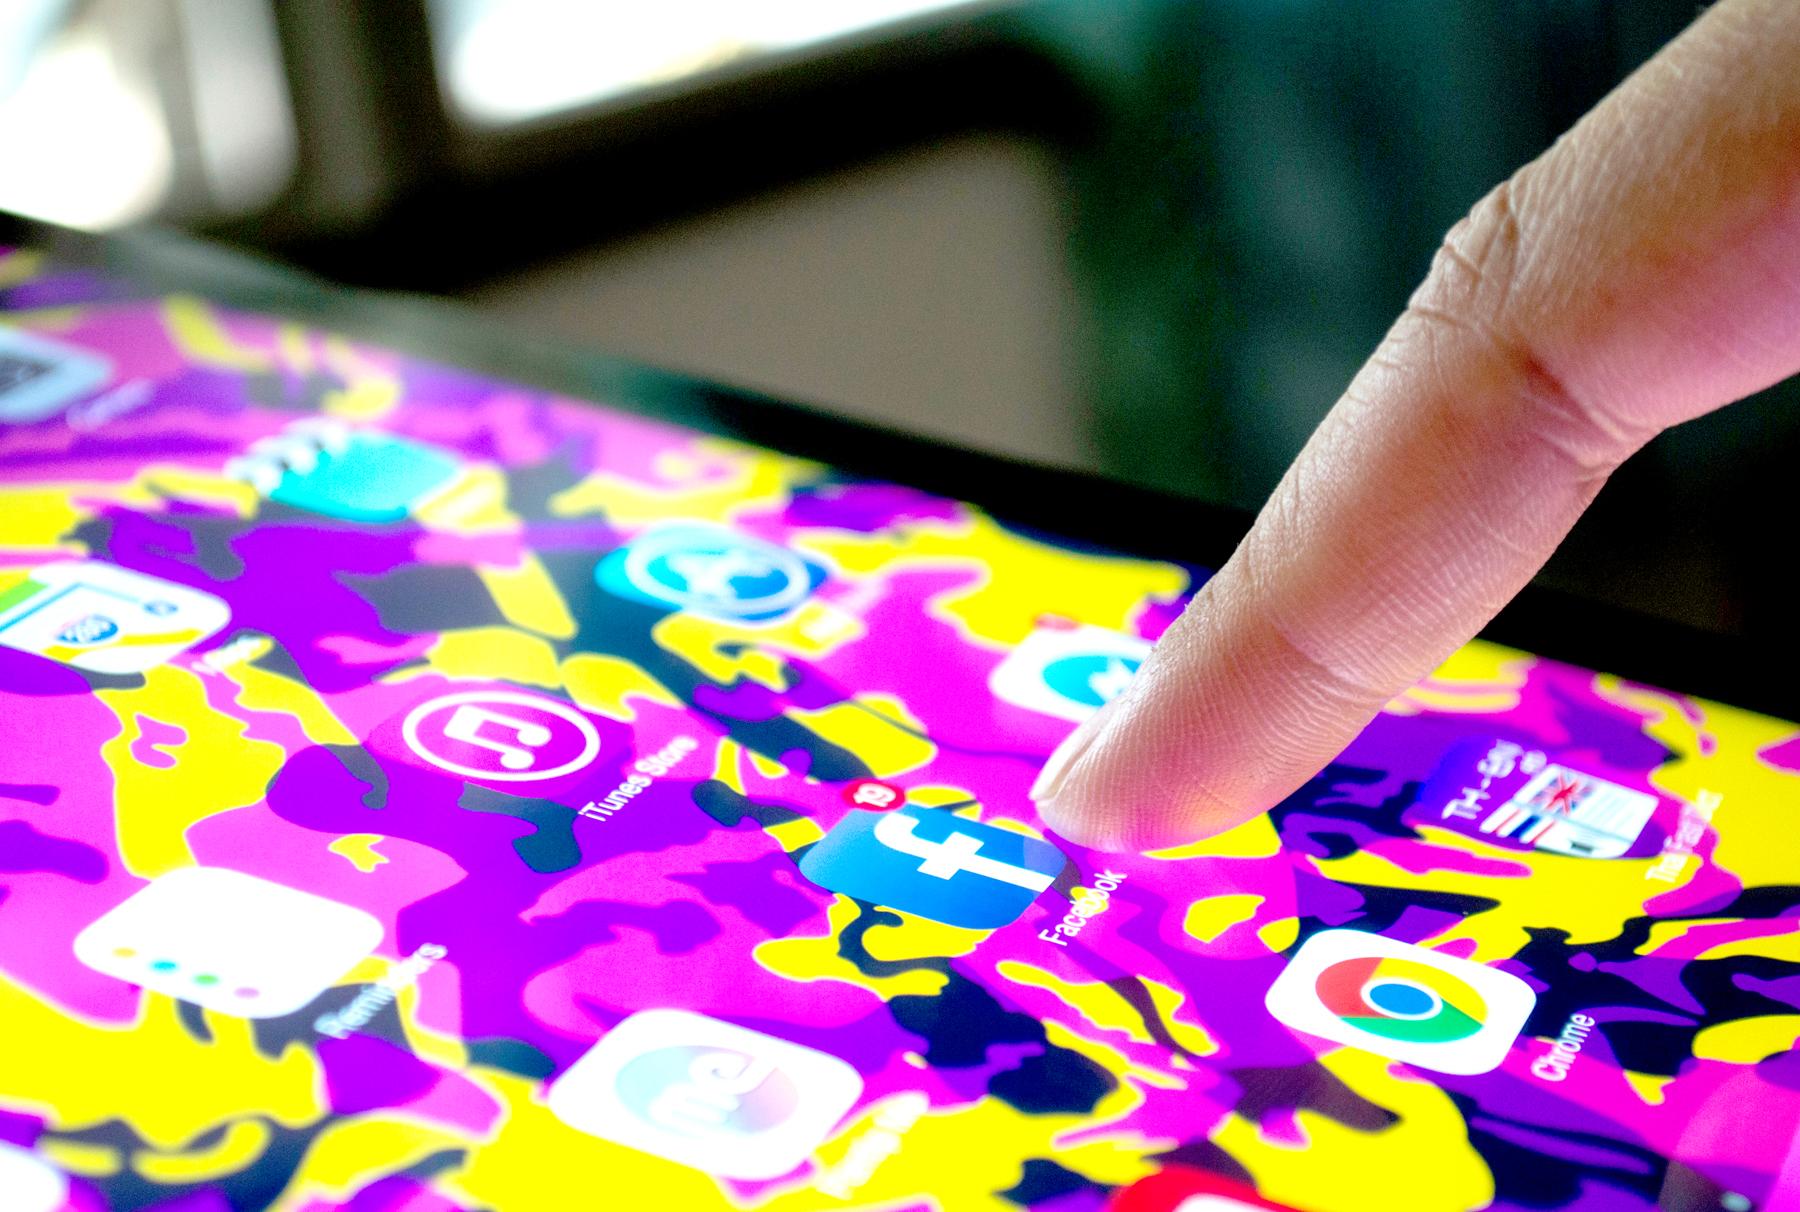 Mariniranje digitalna zavisnost